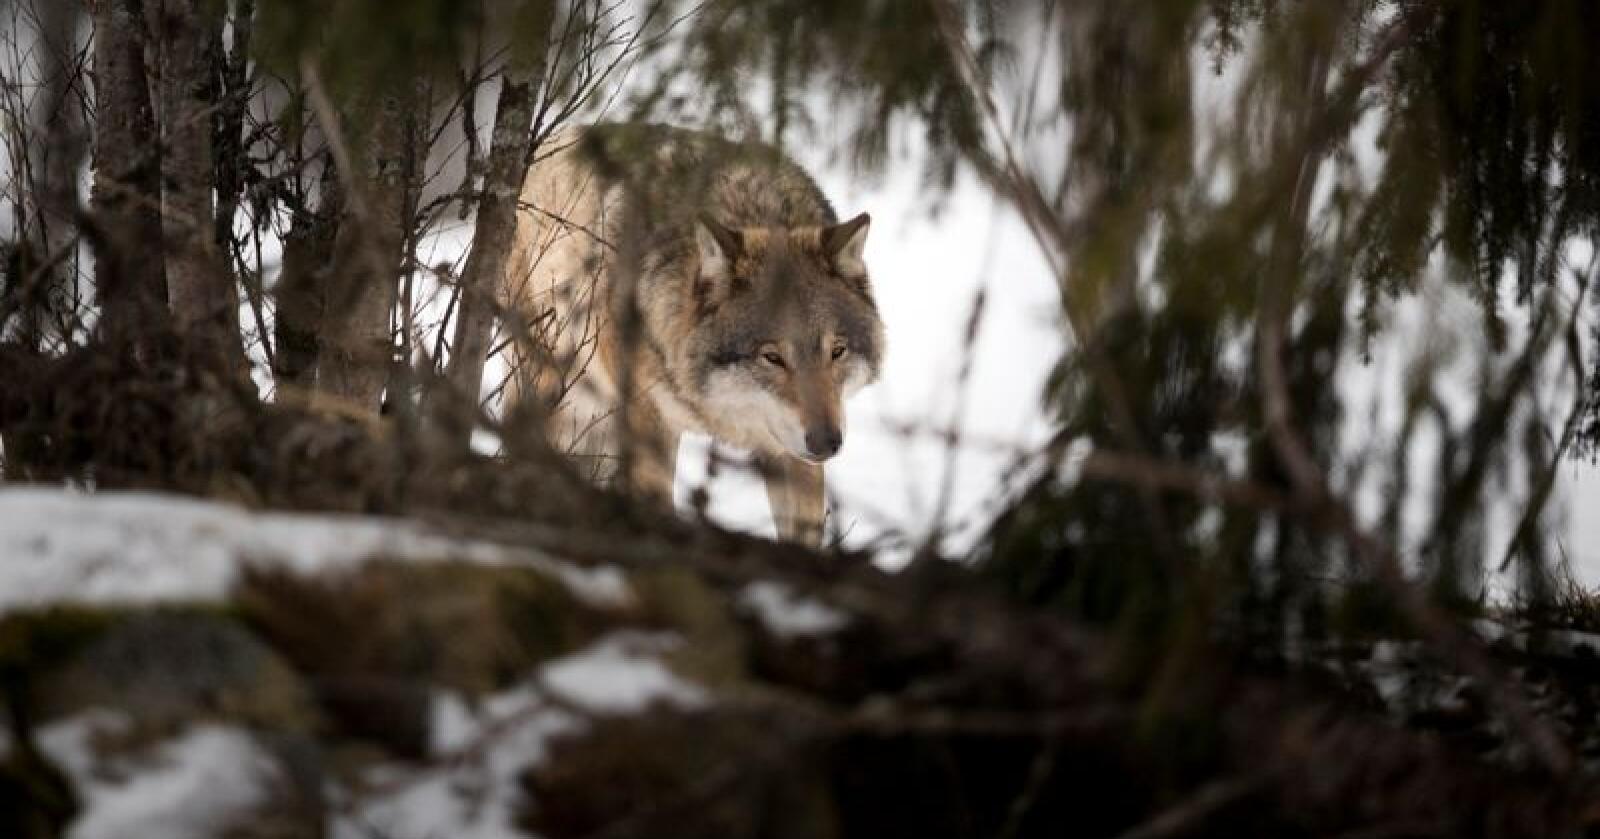 Rovviltnemndene i Oslo, Akershus og Østfold og i Hedmark opprettholder sitt jaktvedtak. Foto: Heiko Junge / NTB scanpix